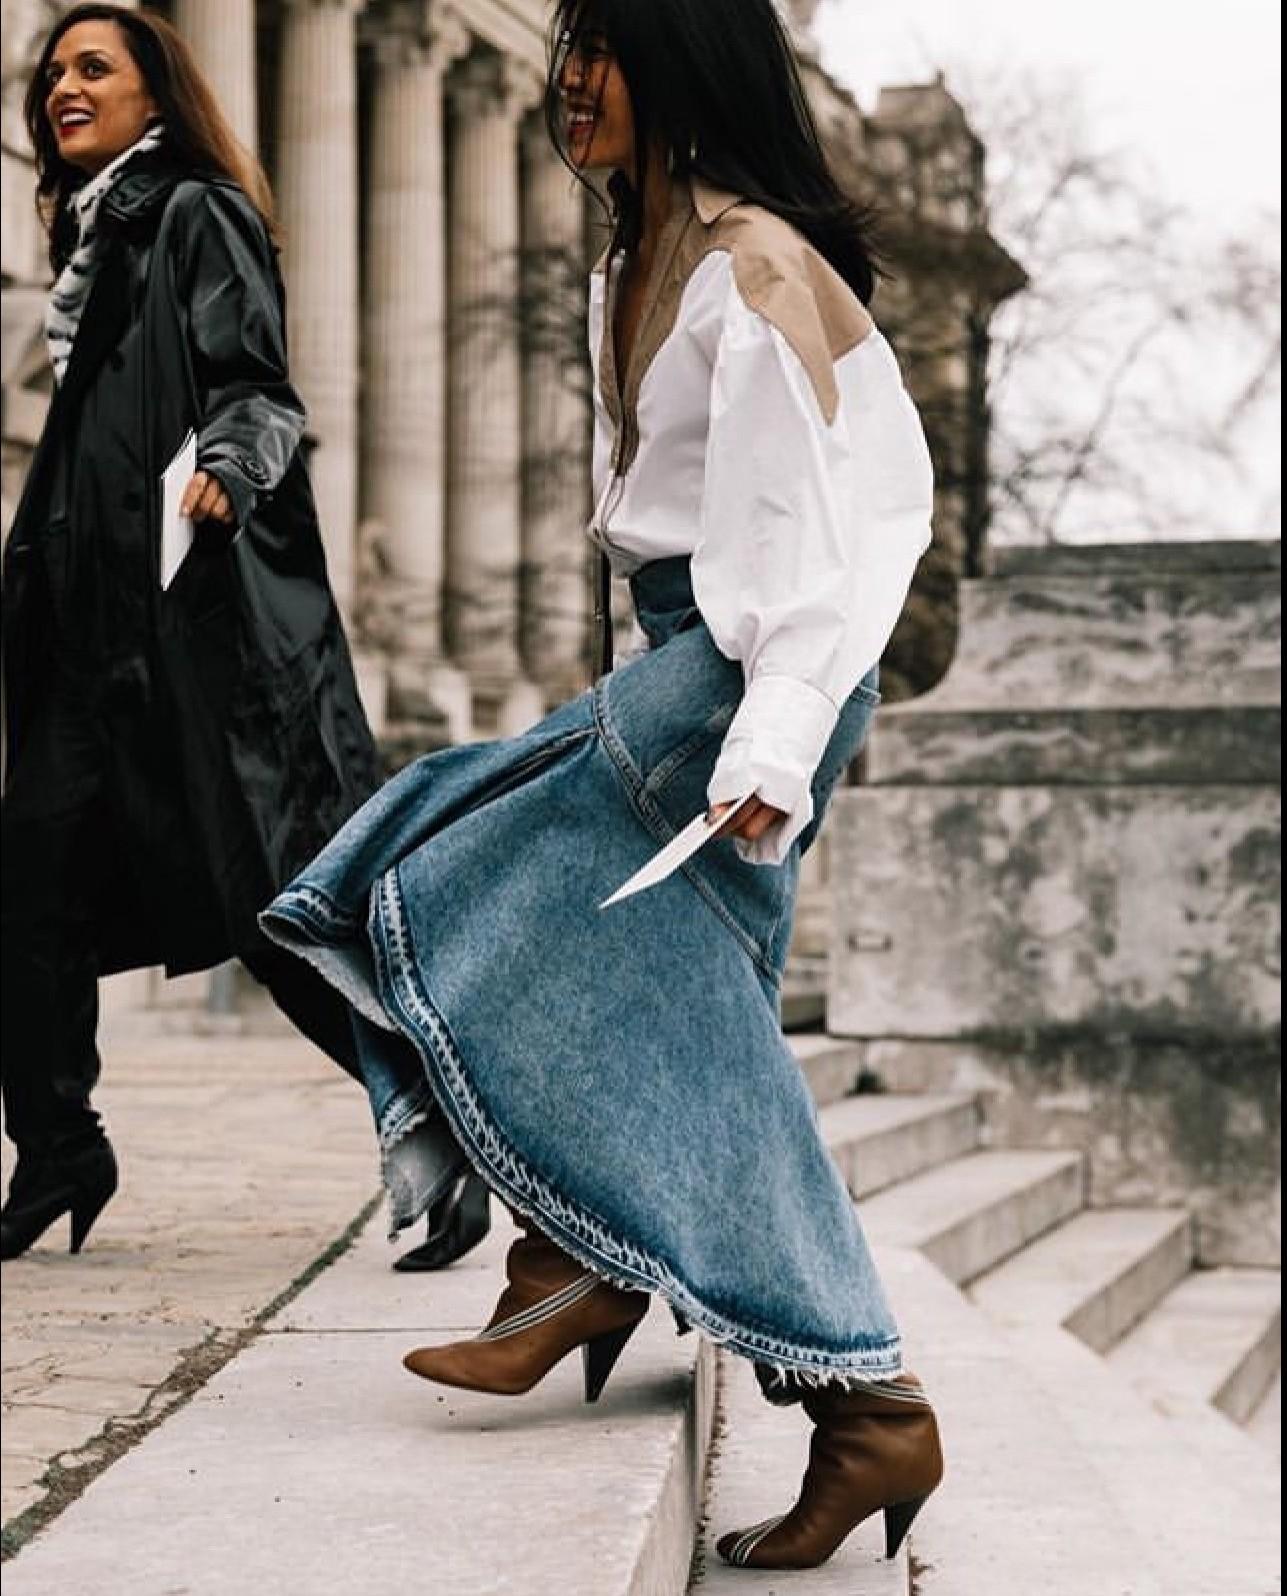 Если в прошлом десятилетии на пике были джинсовые мини-юбки, то сейчас актуальны джинсовые юбки длины миди или макси. Носи их с женсвенными блузами или спортивными бомберами, кроссовками...